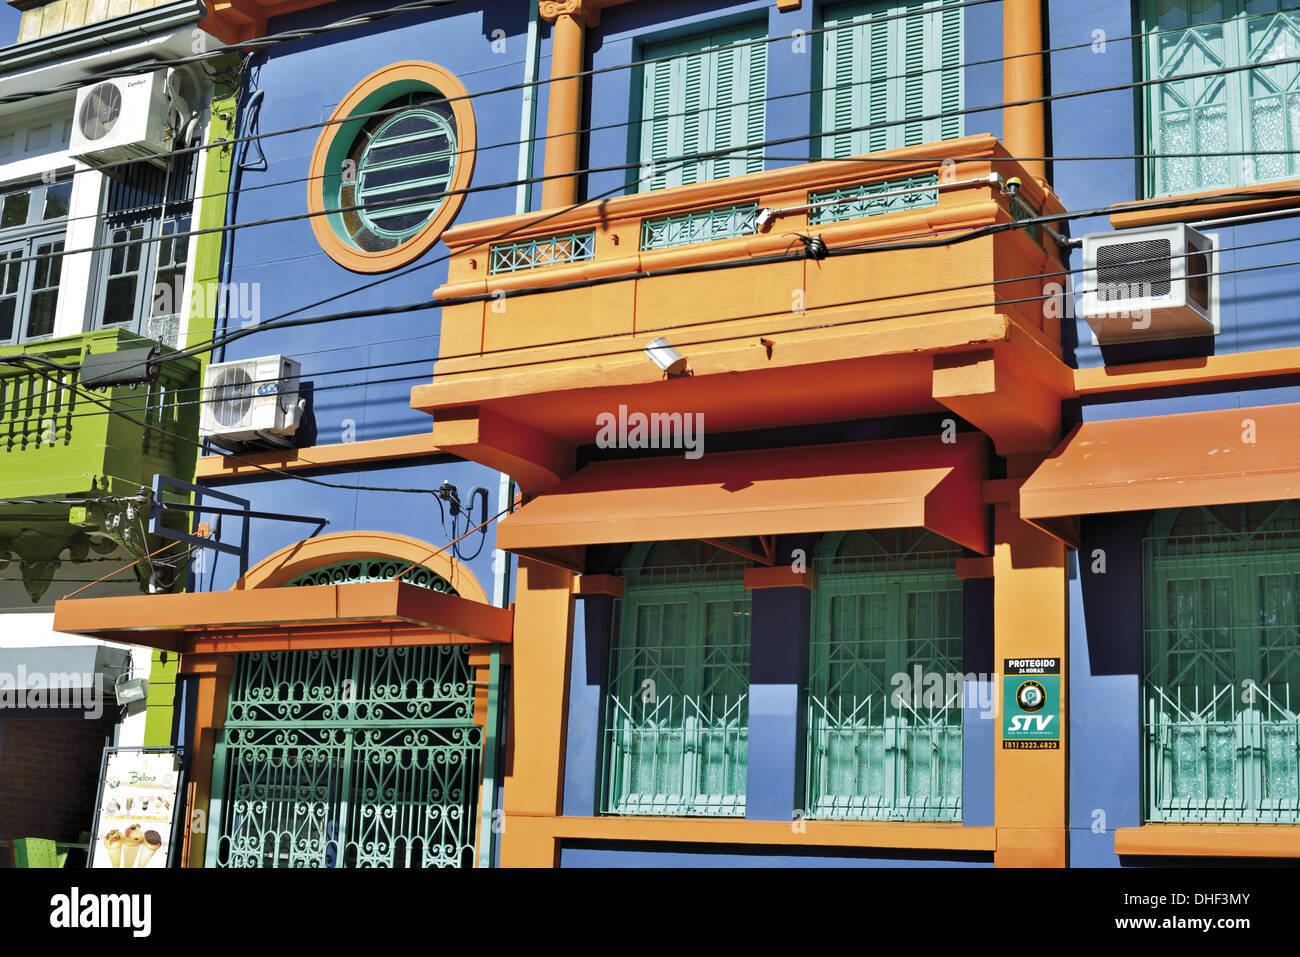 Brazil, Rio Grande do Sul, Porto Alegre, colonial style, building, house, colorful, colors, architecture, travel, Stock Photo